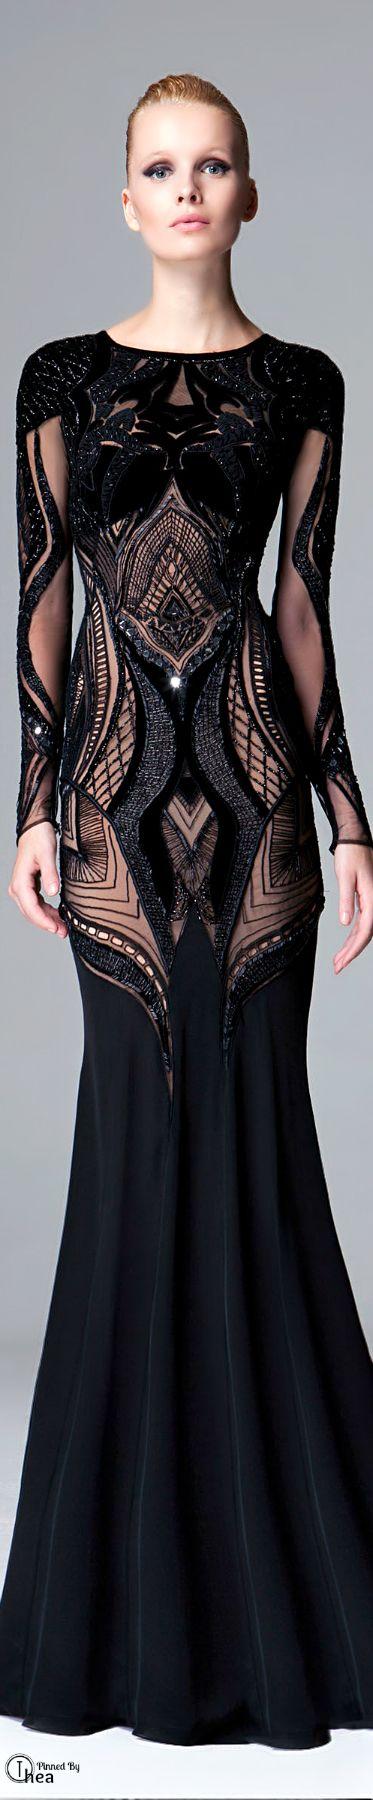 Vestido maravilhoso! Pretinho nada básico.